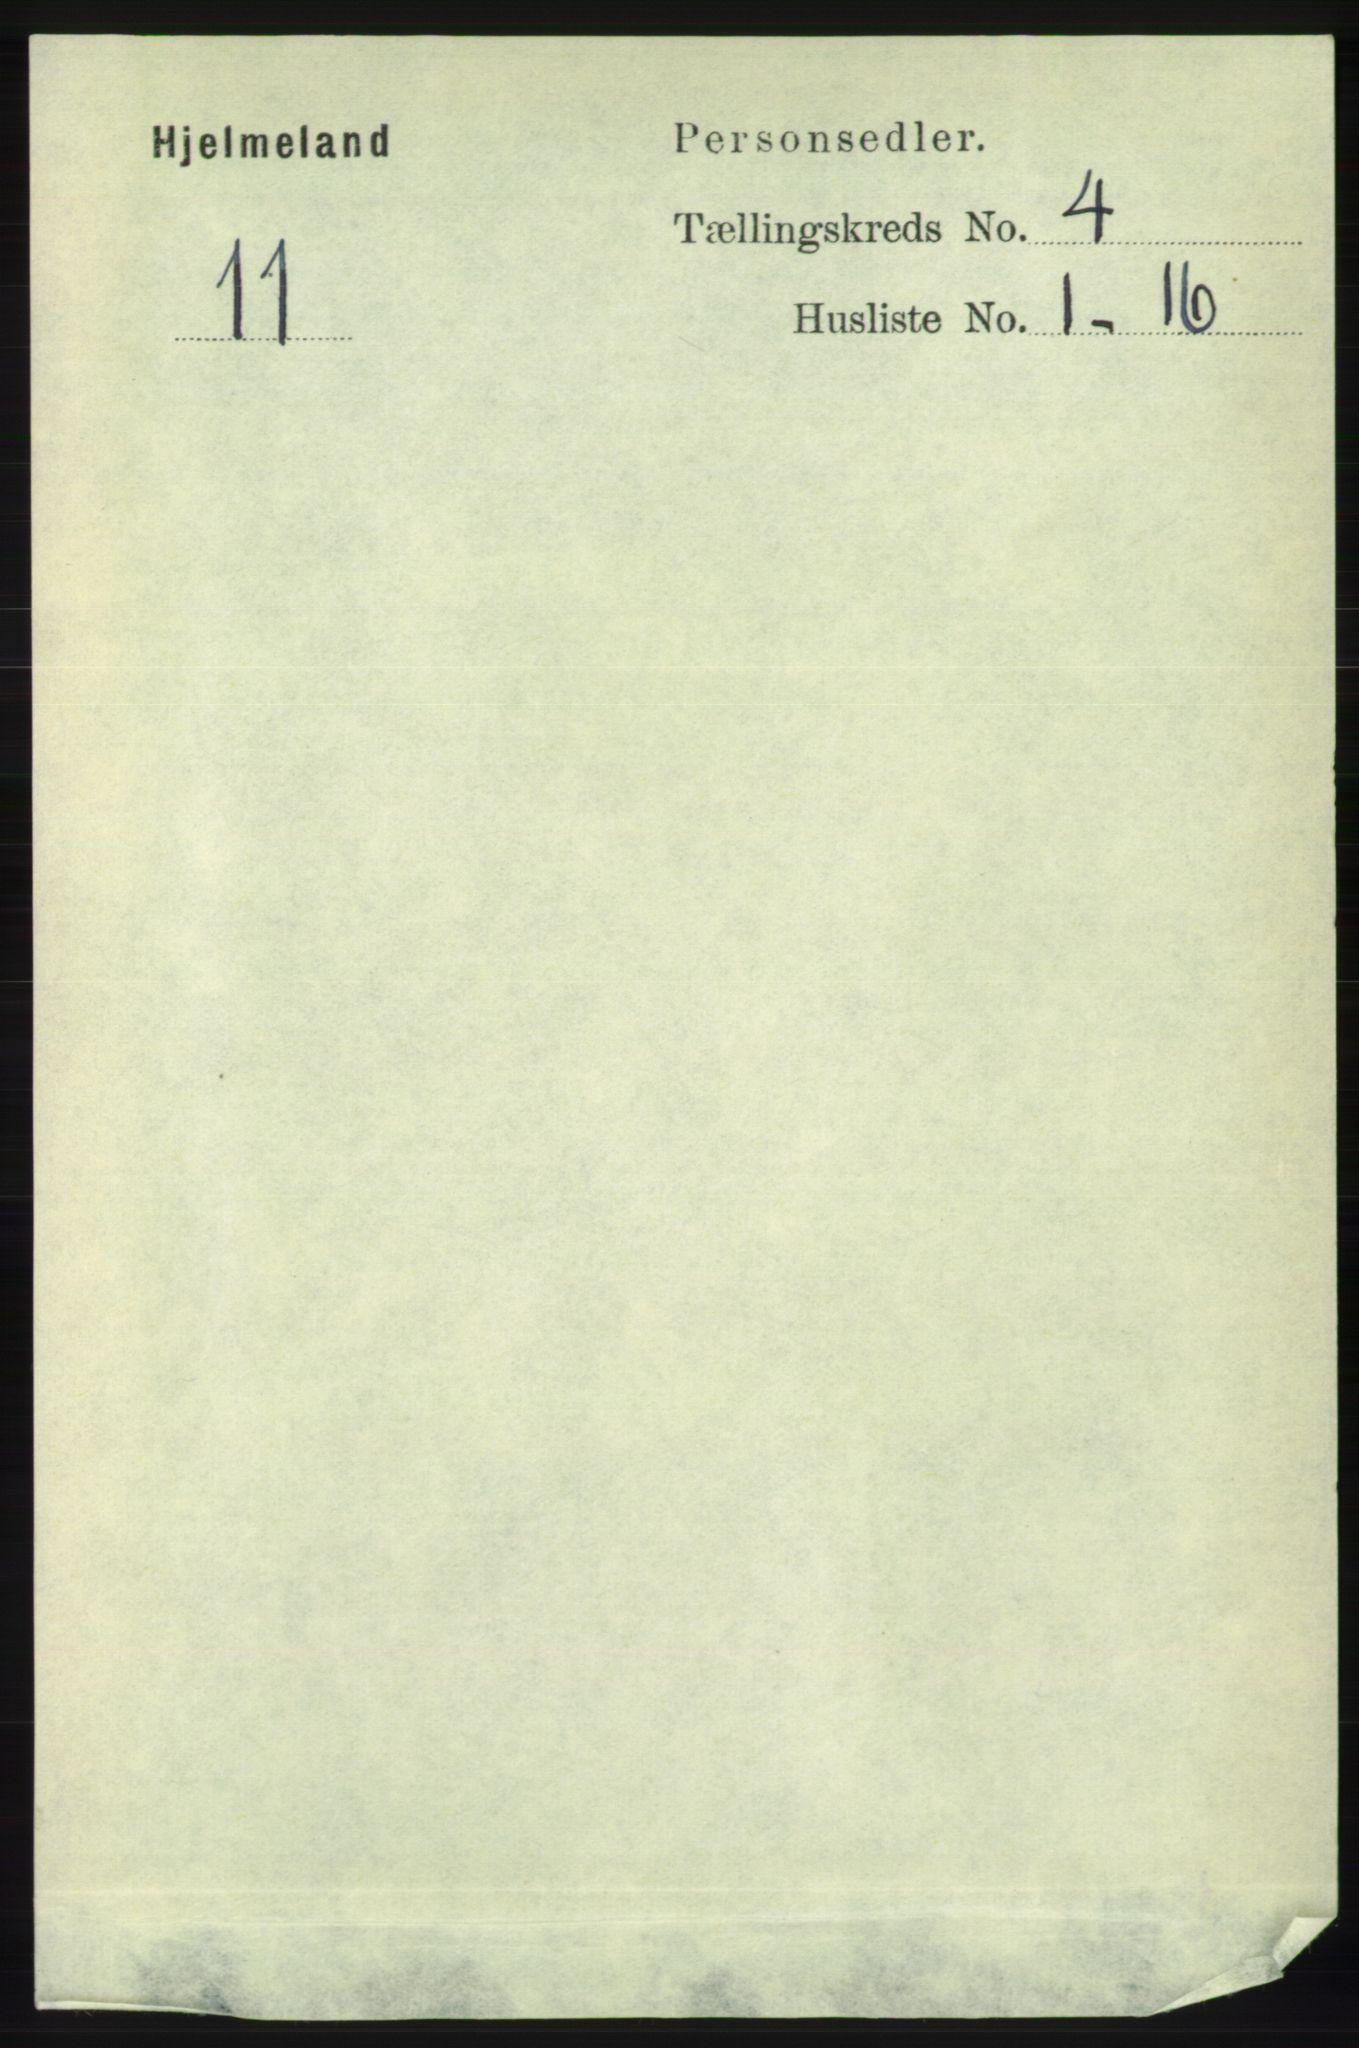 RA, Folketelling 1891 for 1133 Hjelmeland herred, 1891, s. 999